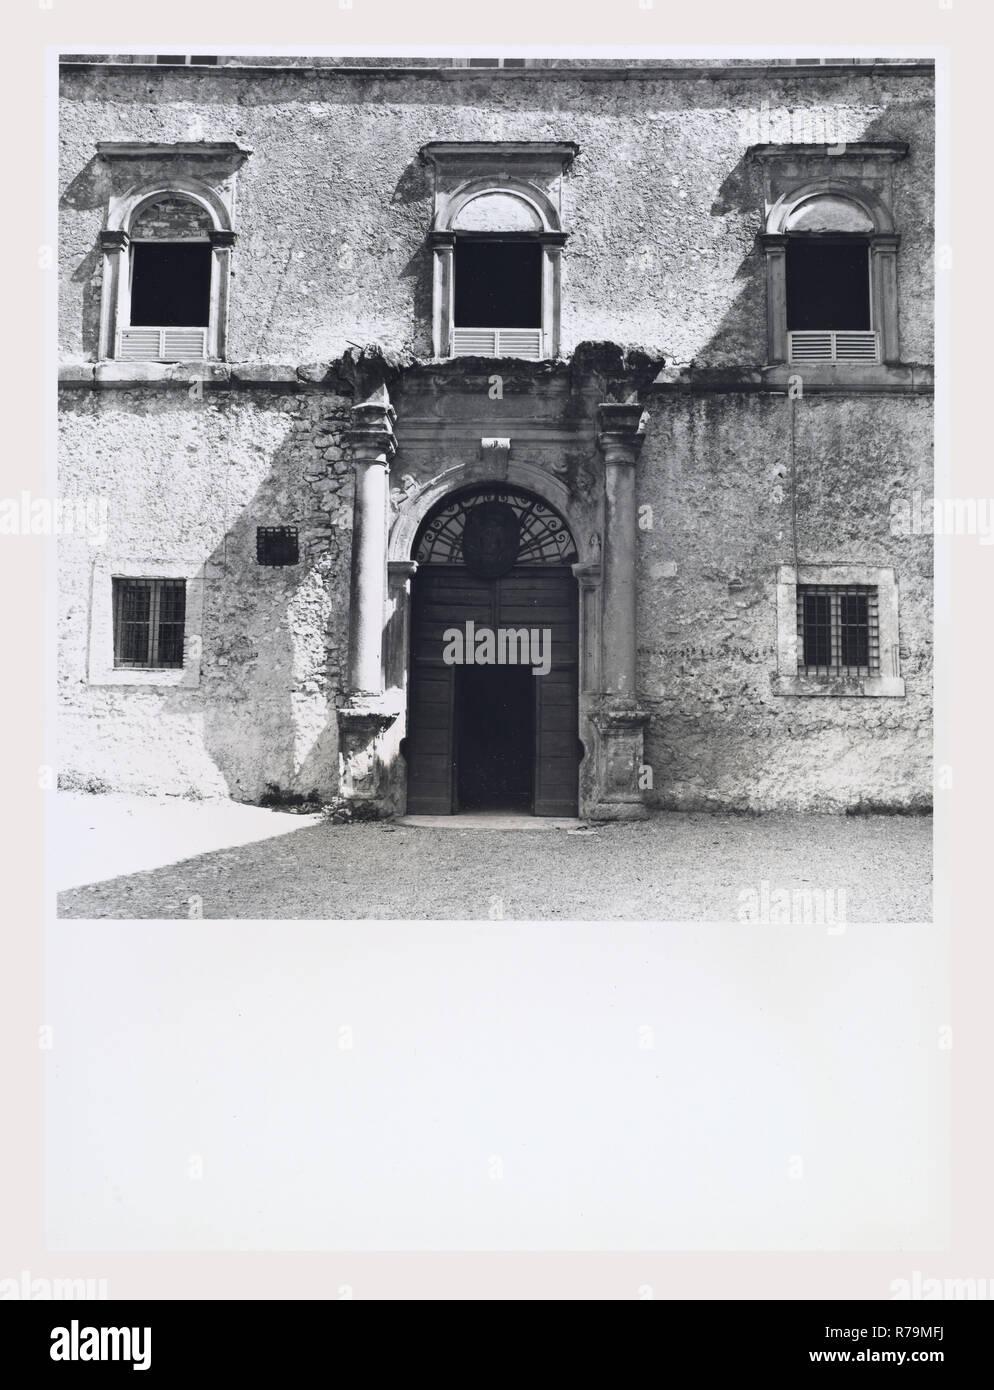 Lazio Frosinone Boville Ernica Castello Filonardi, questa è la mia Italia, il paese italiano di storia visiva, vista esterna del castello che appartenne alla famiglia Farnese e ora è un monastero. La copertura sottolinea l'elegante portale rinascimentale. Immagini Stock